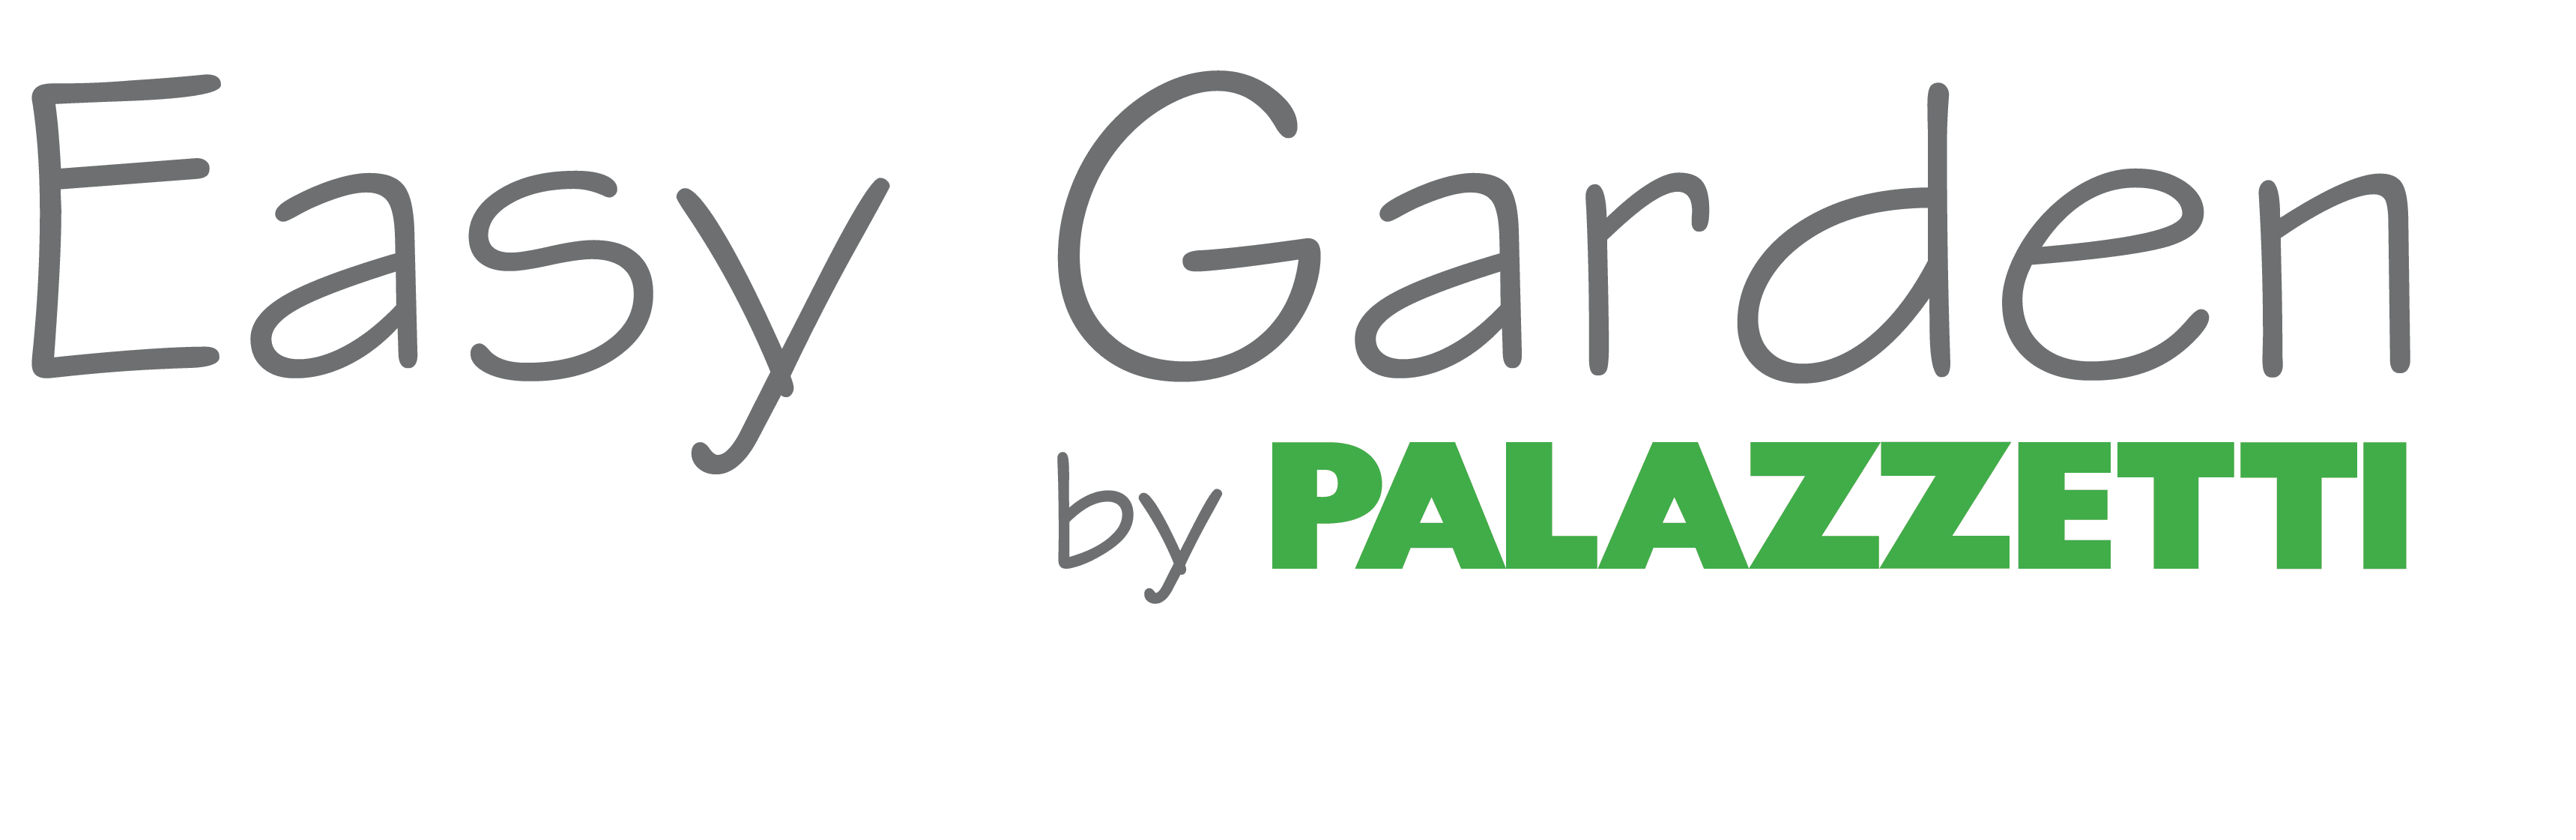 MC_PALAZZETTI